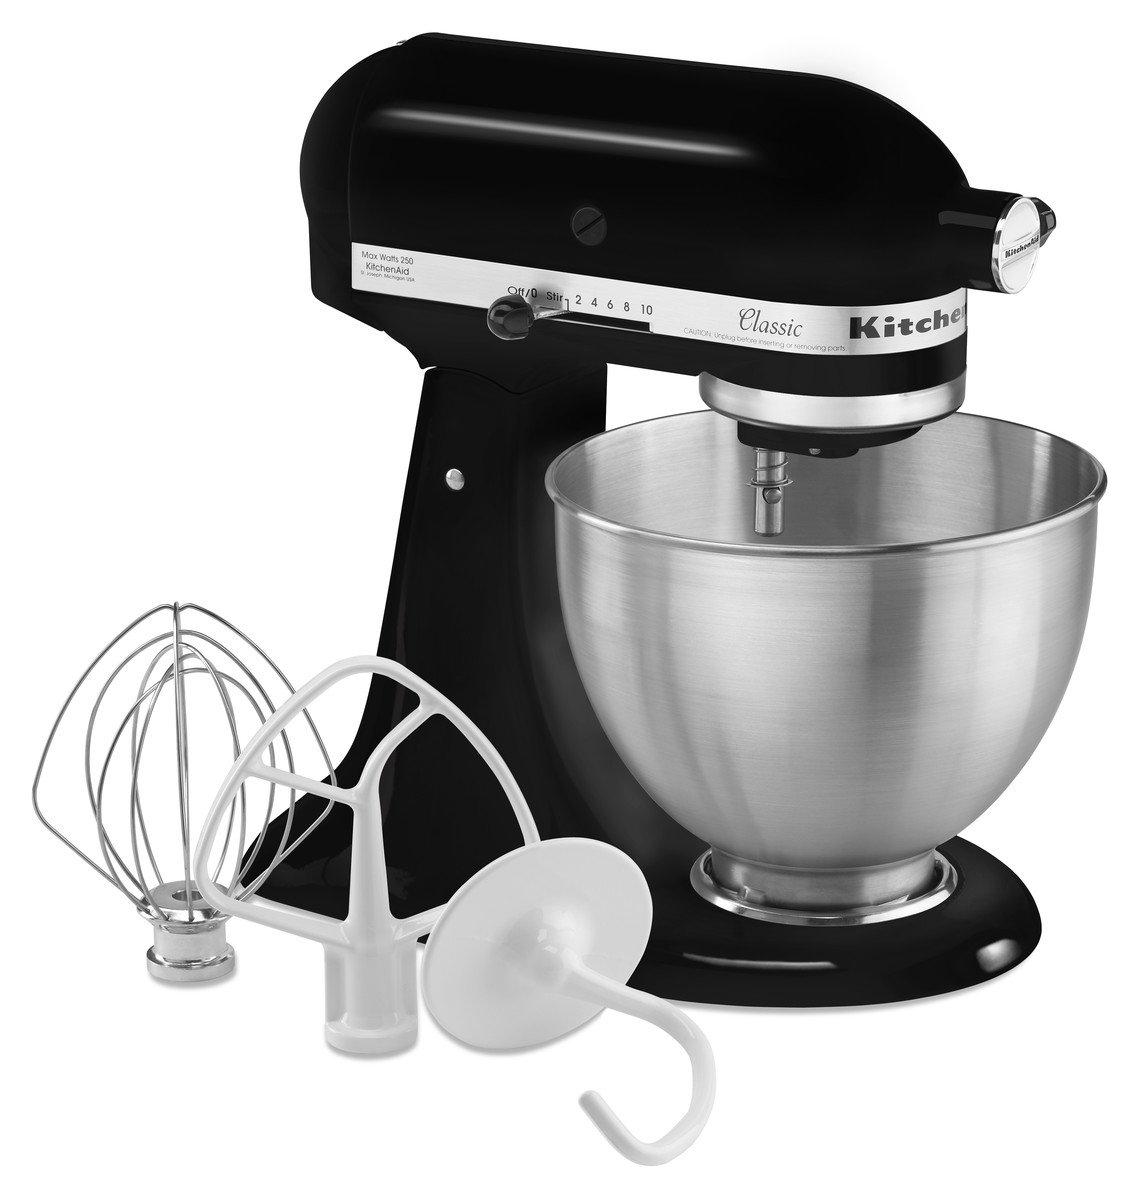 Amazon.de: KitchenAid 5K45SSEWH Küchenmaschine (250 Watt) weiß